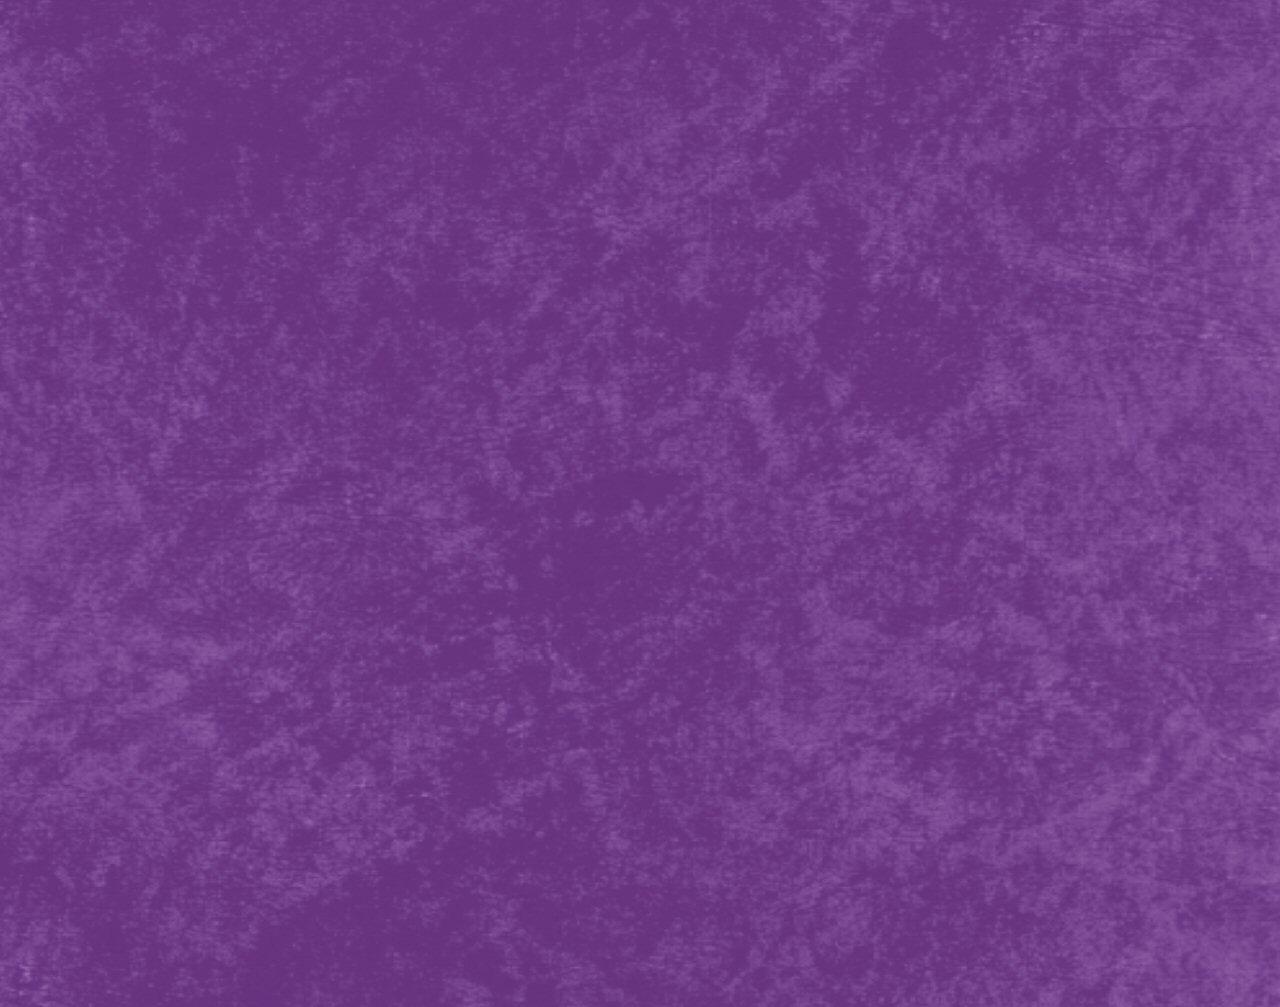 Mardi Gras Background Design F88e3ajpg Picture 1280x1007